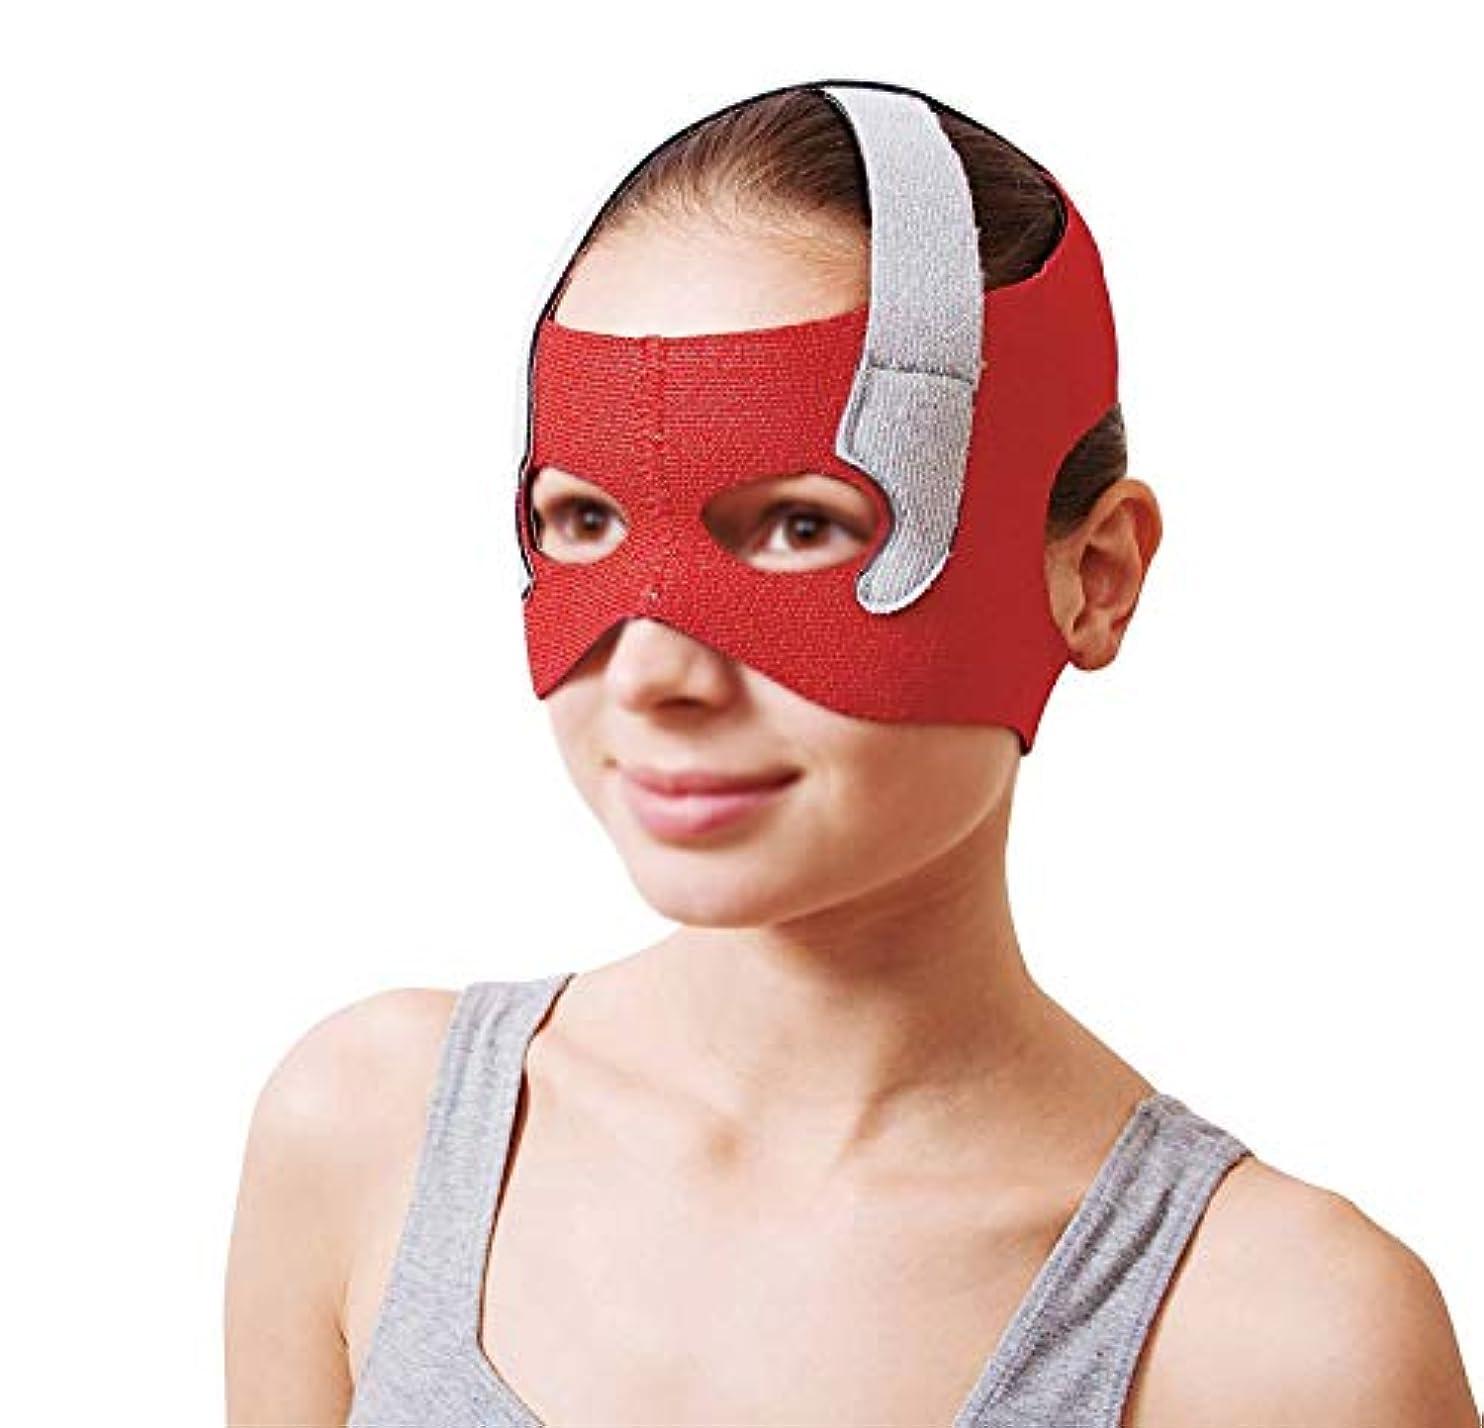 仲人タック対TLMY フェイシャルリフティングマスク回復包帯ヘッドギアマスクシンフェイスマスクアーティファクト美容ベルトフェイシャルとネックリフティングフェイシャル円周57-68 cm 顔用整形マスク